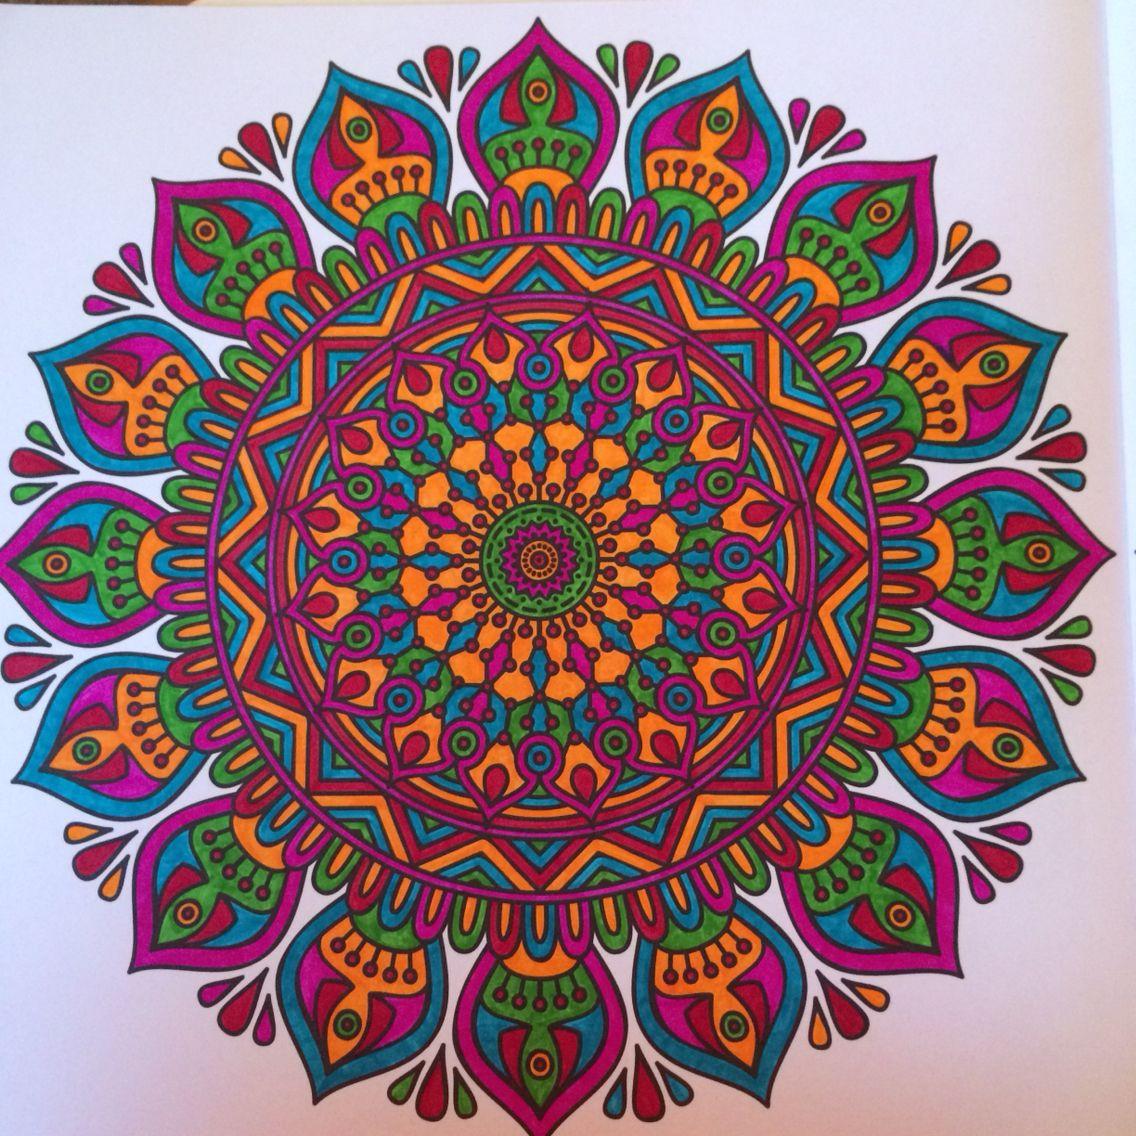 Pin de Bill Holmes en Mandalas | Pinterest | Mandalas y Color